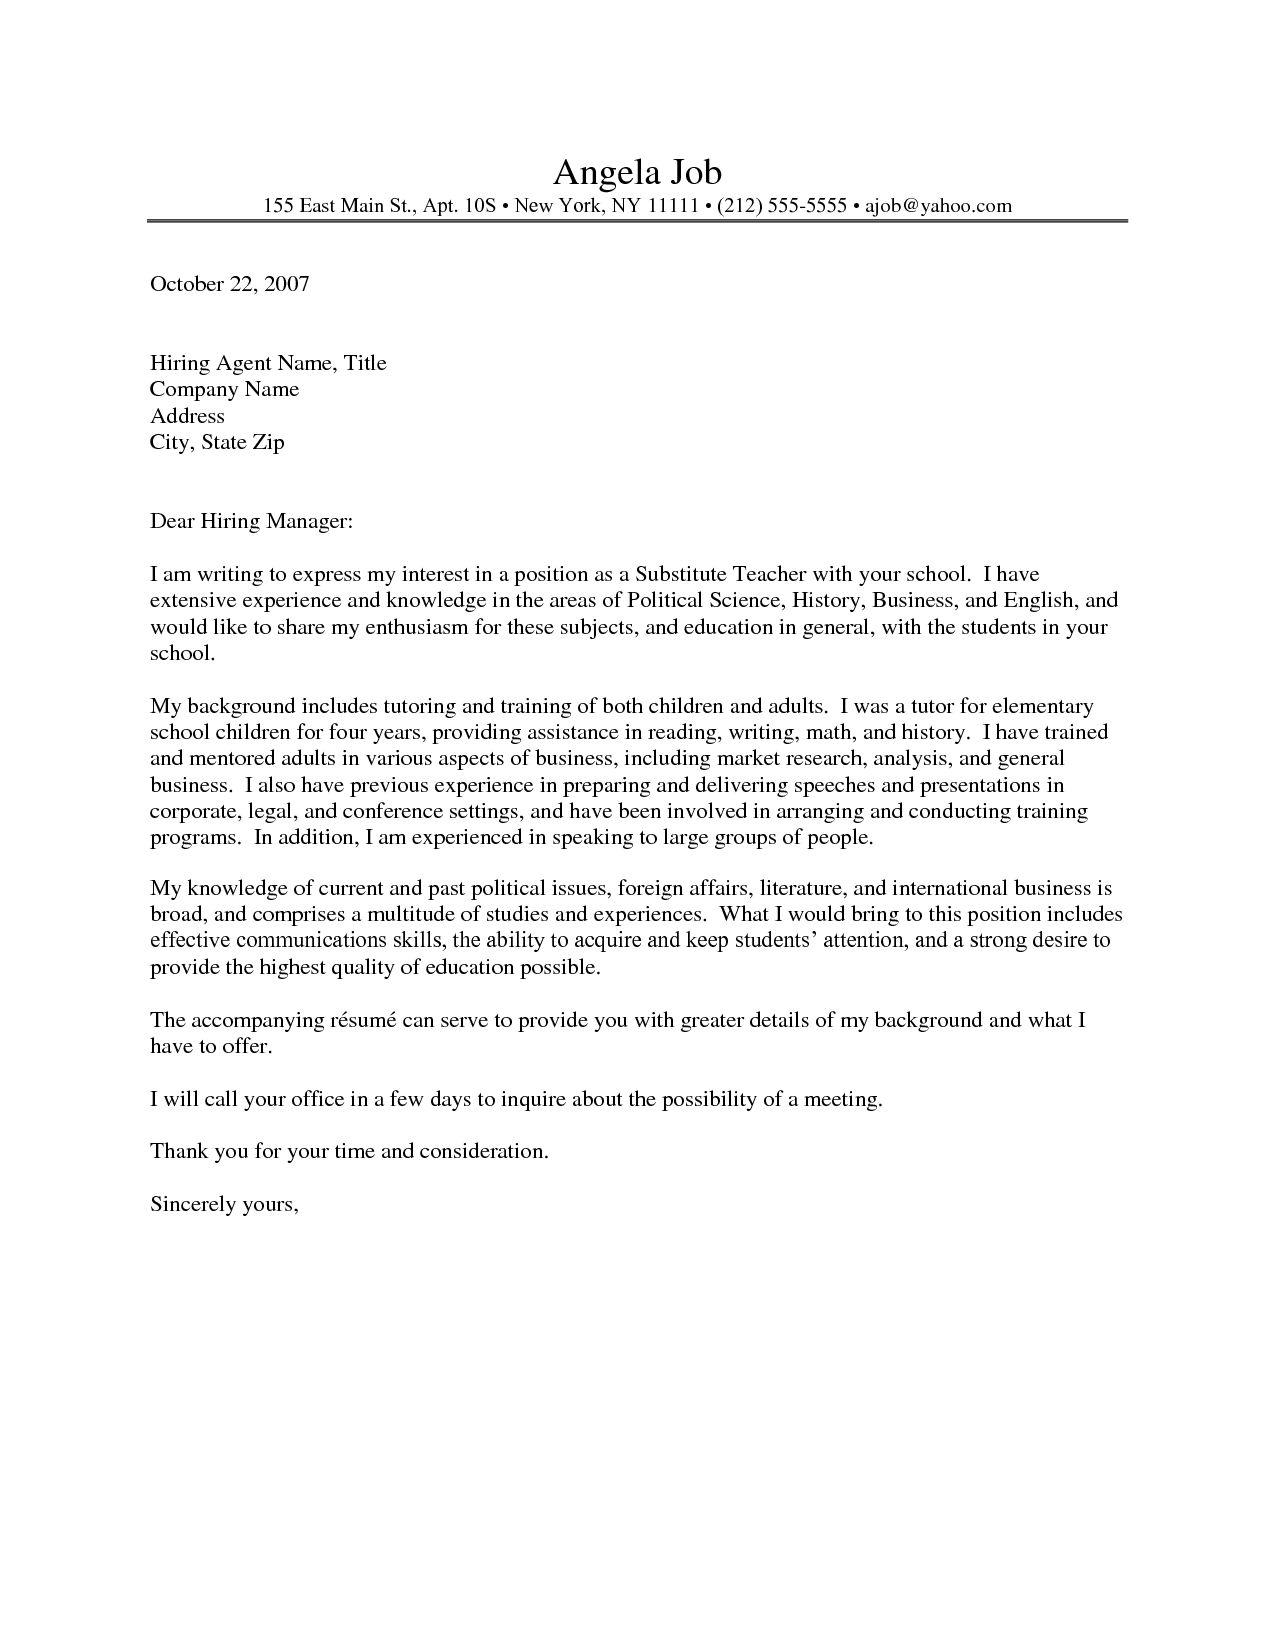 30+ Teacher Cover Letter Teaching cover letter, Teacher